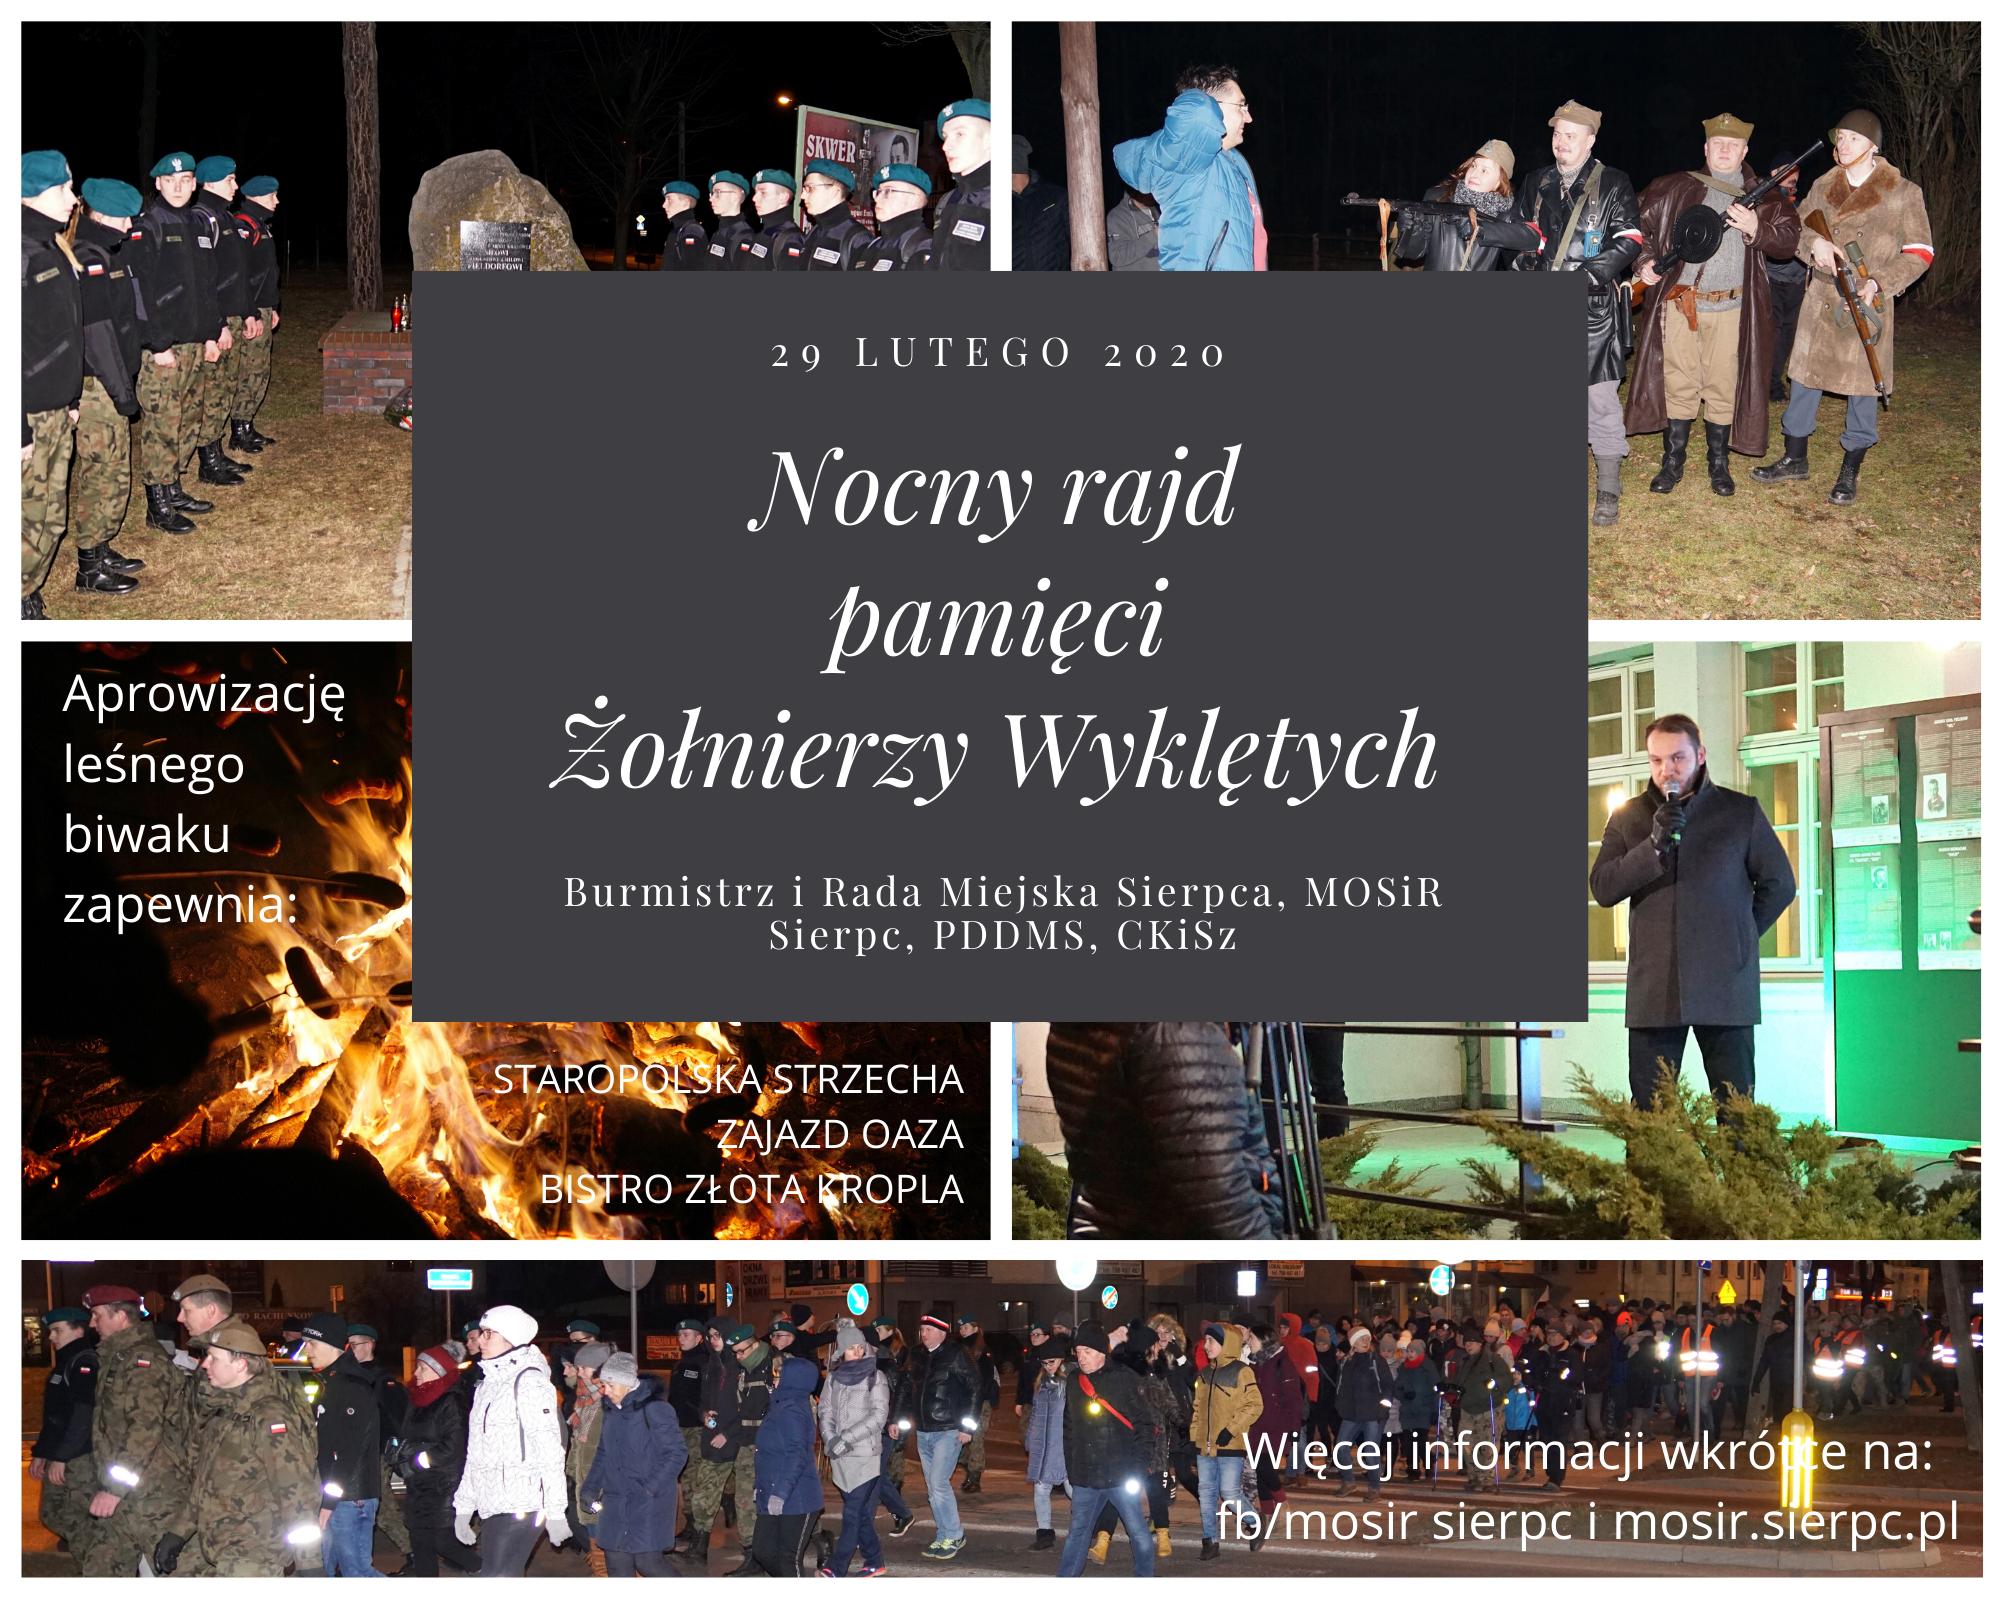 Pieszy Nocny Rajd pamięci Żołnierzy Wyklętych(1)